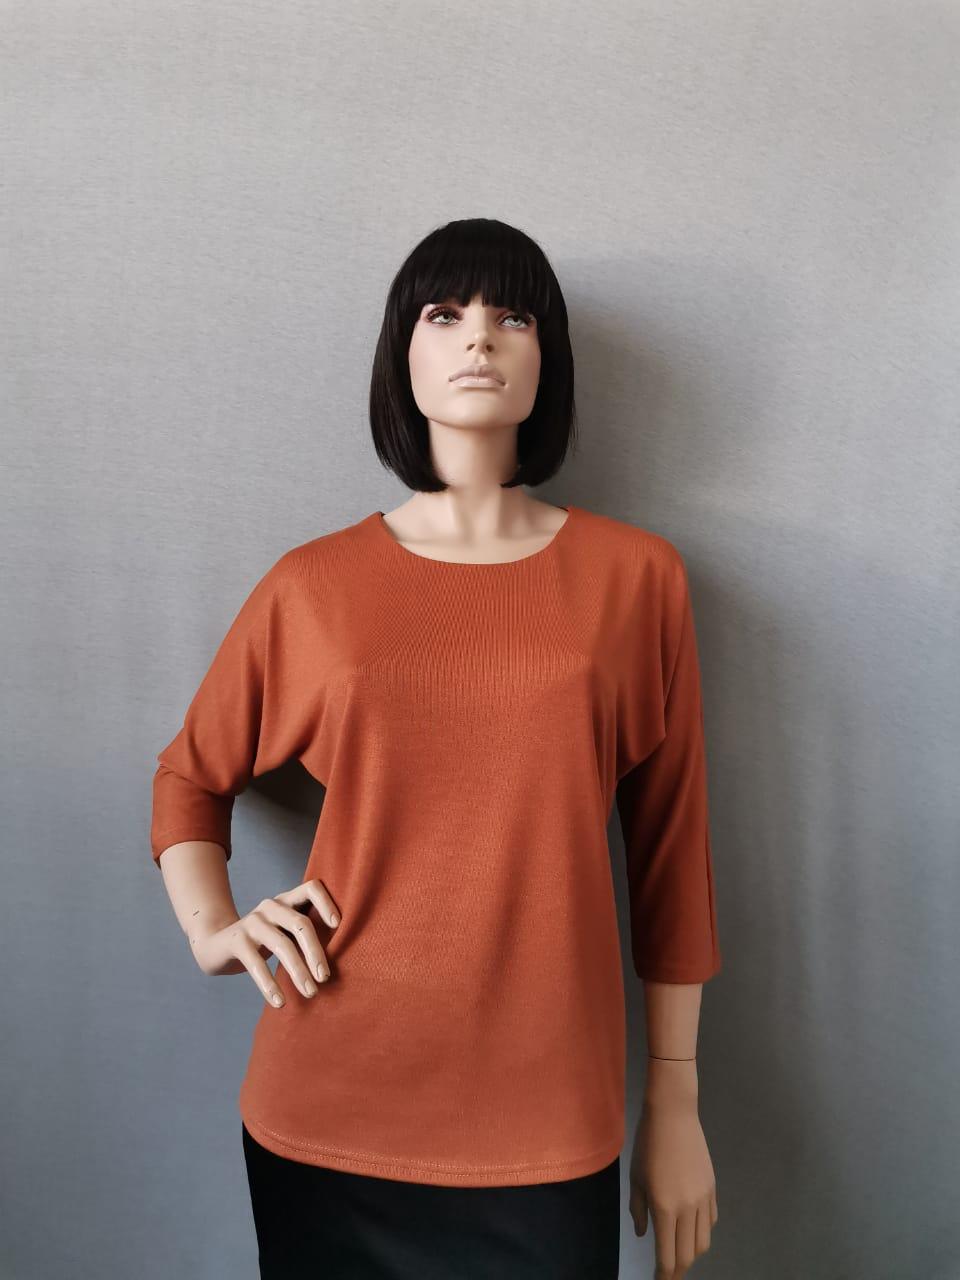 Фото блуза, состав вискоза 70%, полиэстер 25%, 5% эластан, размеры 52-58, артикул 28-5